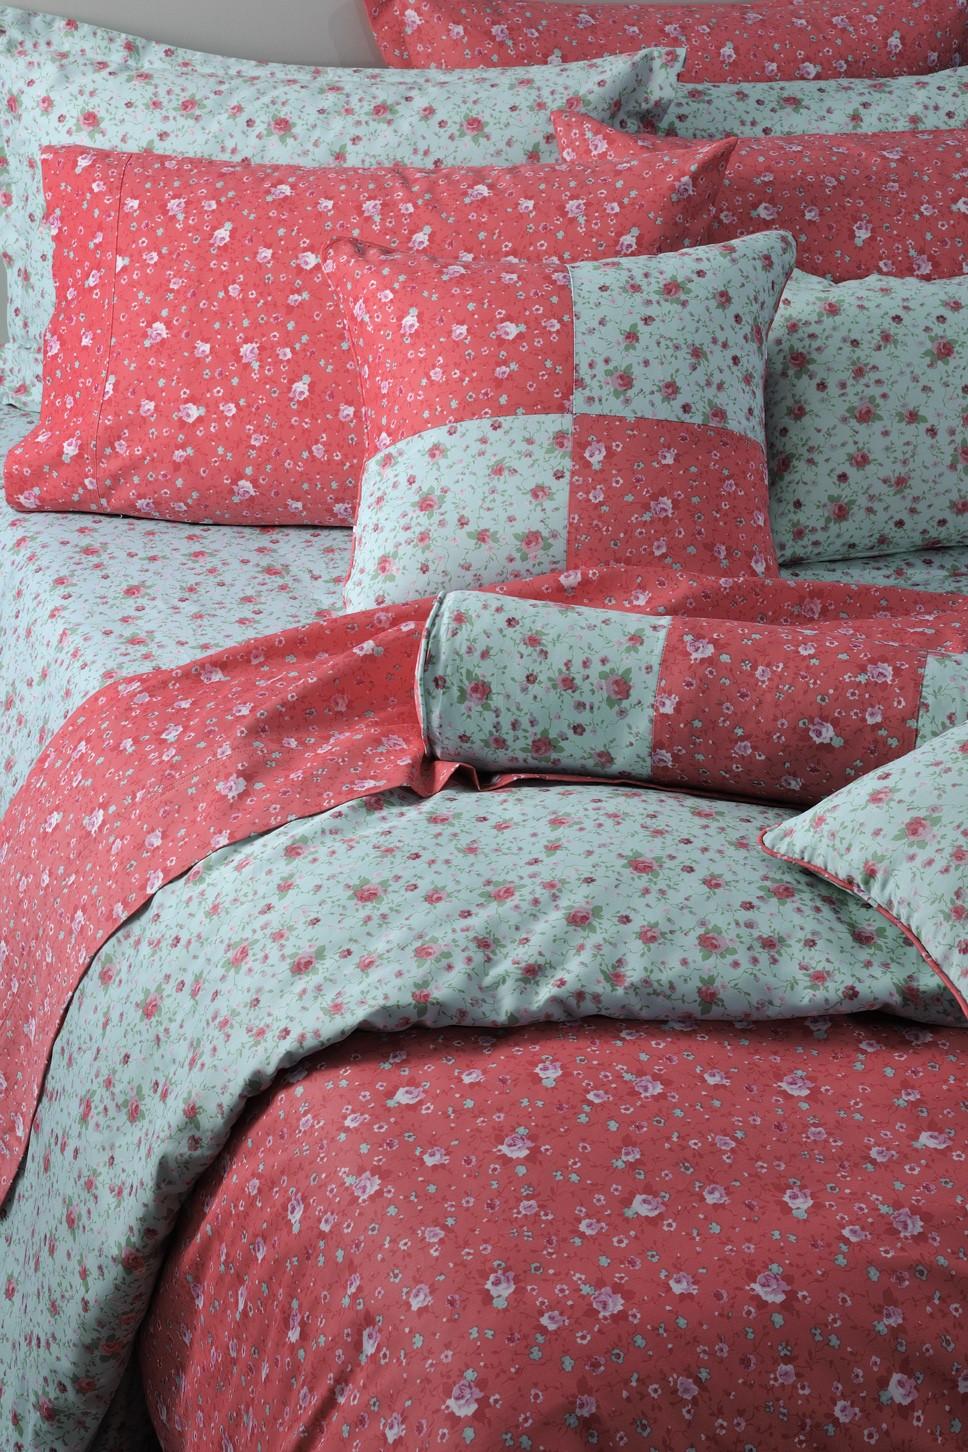 Κουβερλί Μονό (Σετ) Down Town Queen Annie Aqua S 632 home   κρεβατοκάμαρα   κουβερλί   κουβερλί μονά